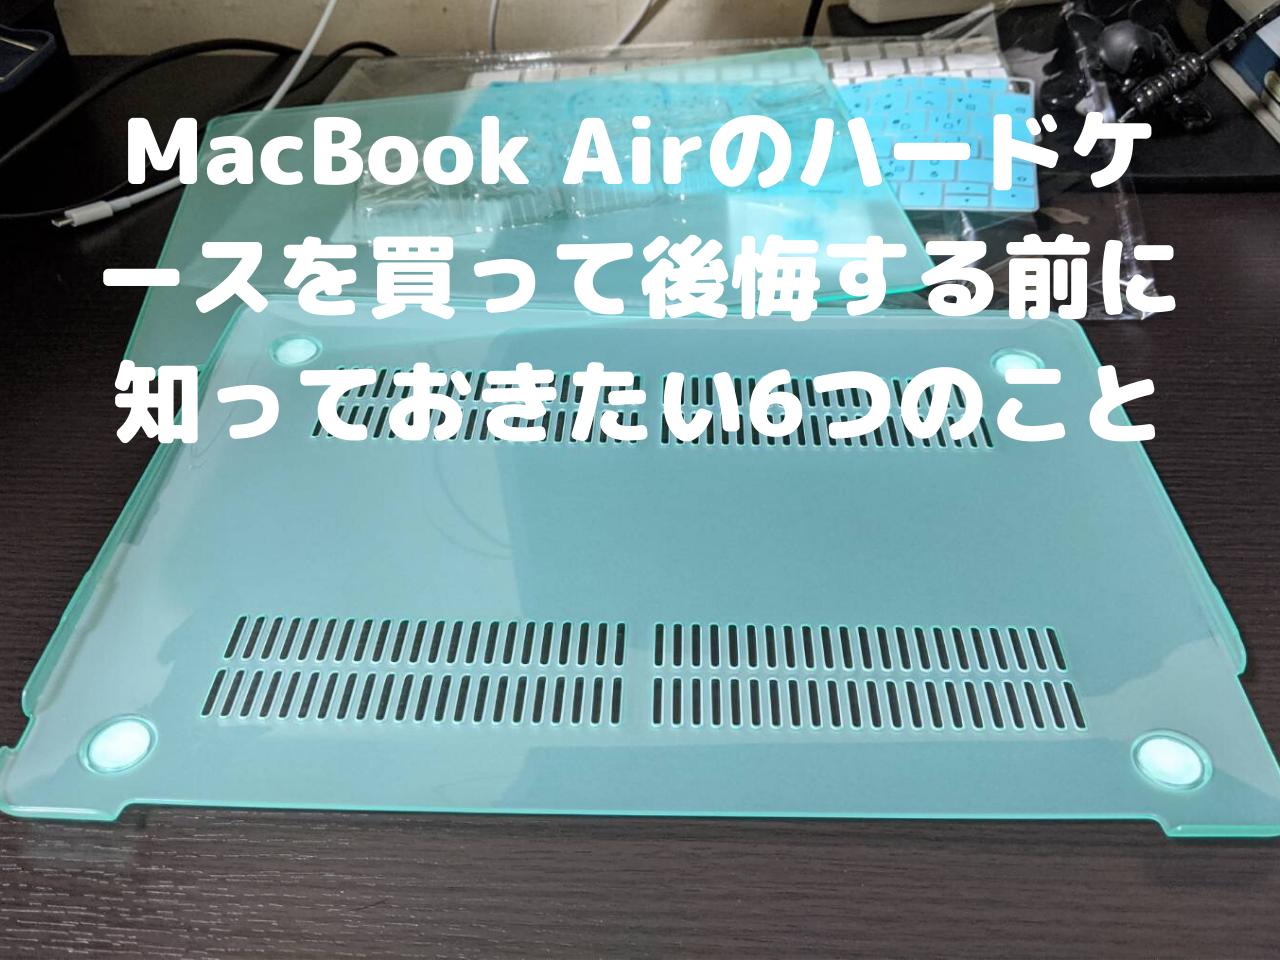 MacBook Airのハードケースを買って後悔する前に知っておきたい6つのこと